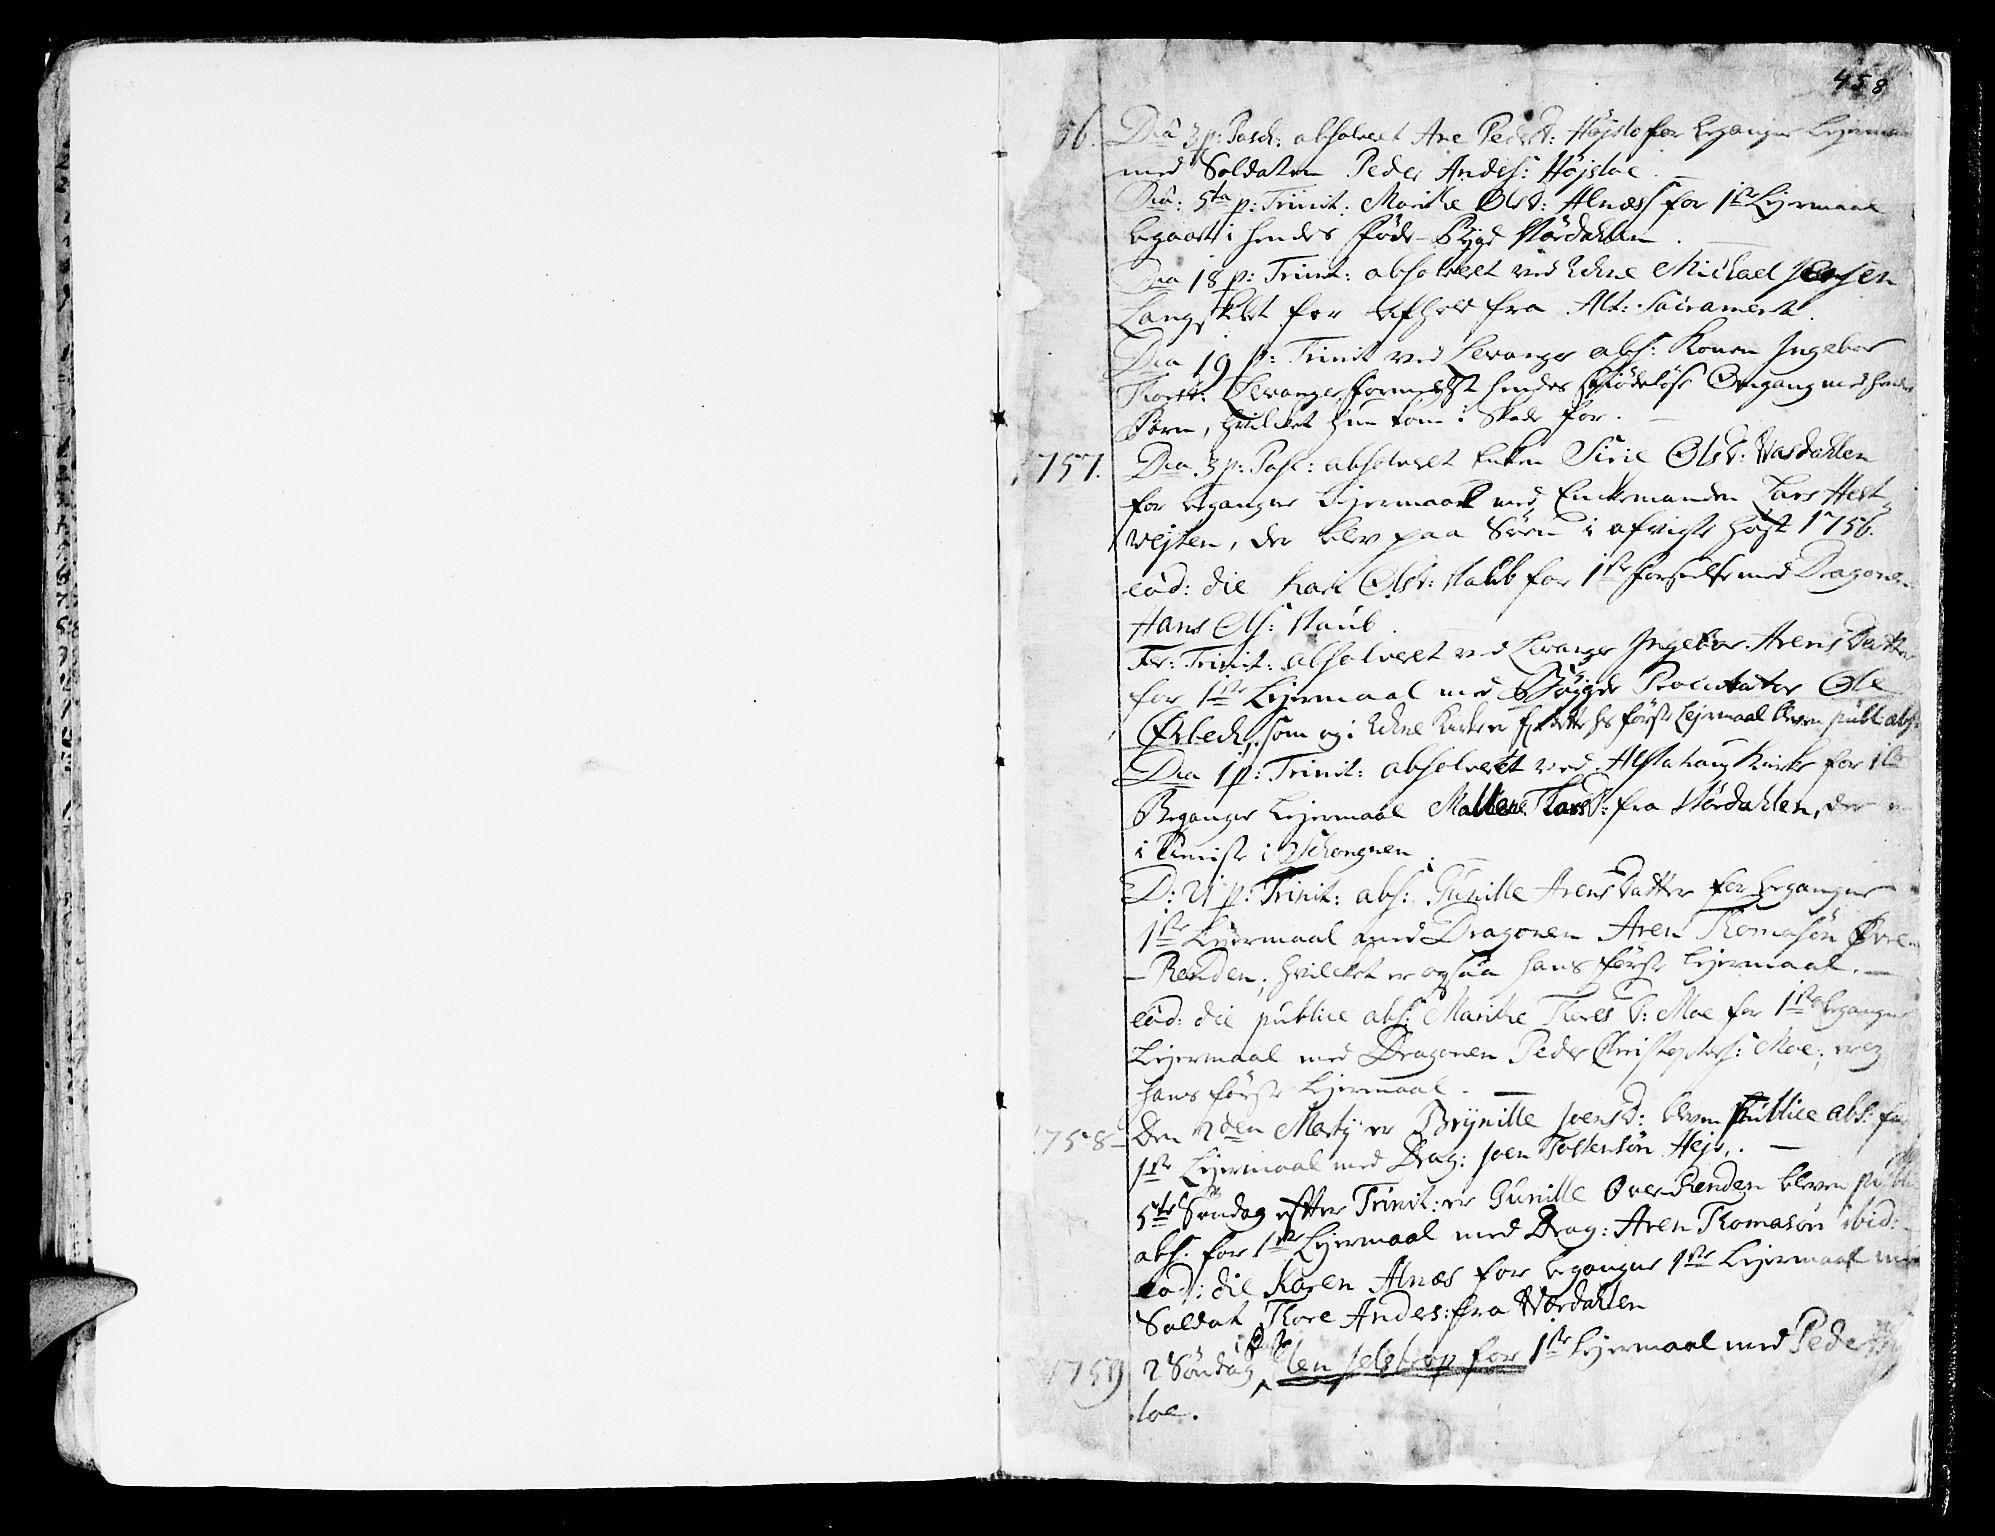 SAT, Ministerialprotokoller, klokkerbøker og fødselsregistre - Nord-Trøndelag, 717/L0141: Ministerialbok nr. 717A01, 1747-1803, s. 457-458